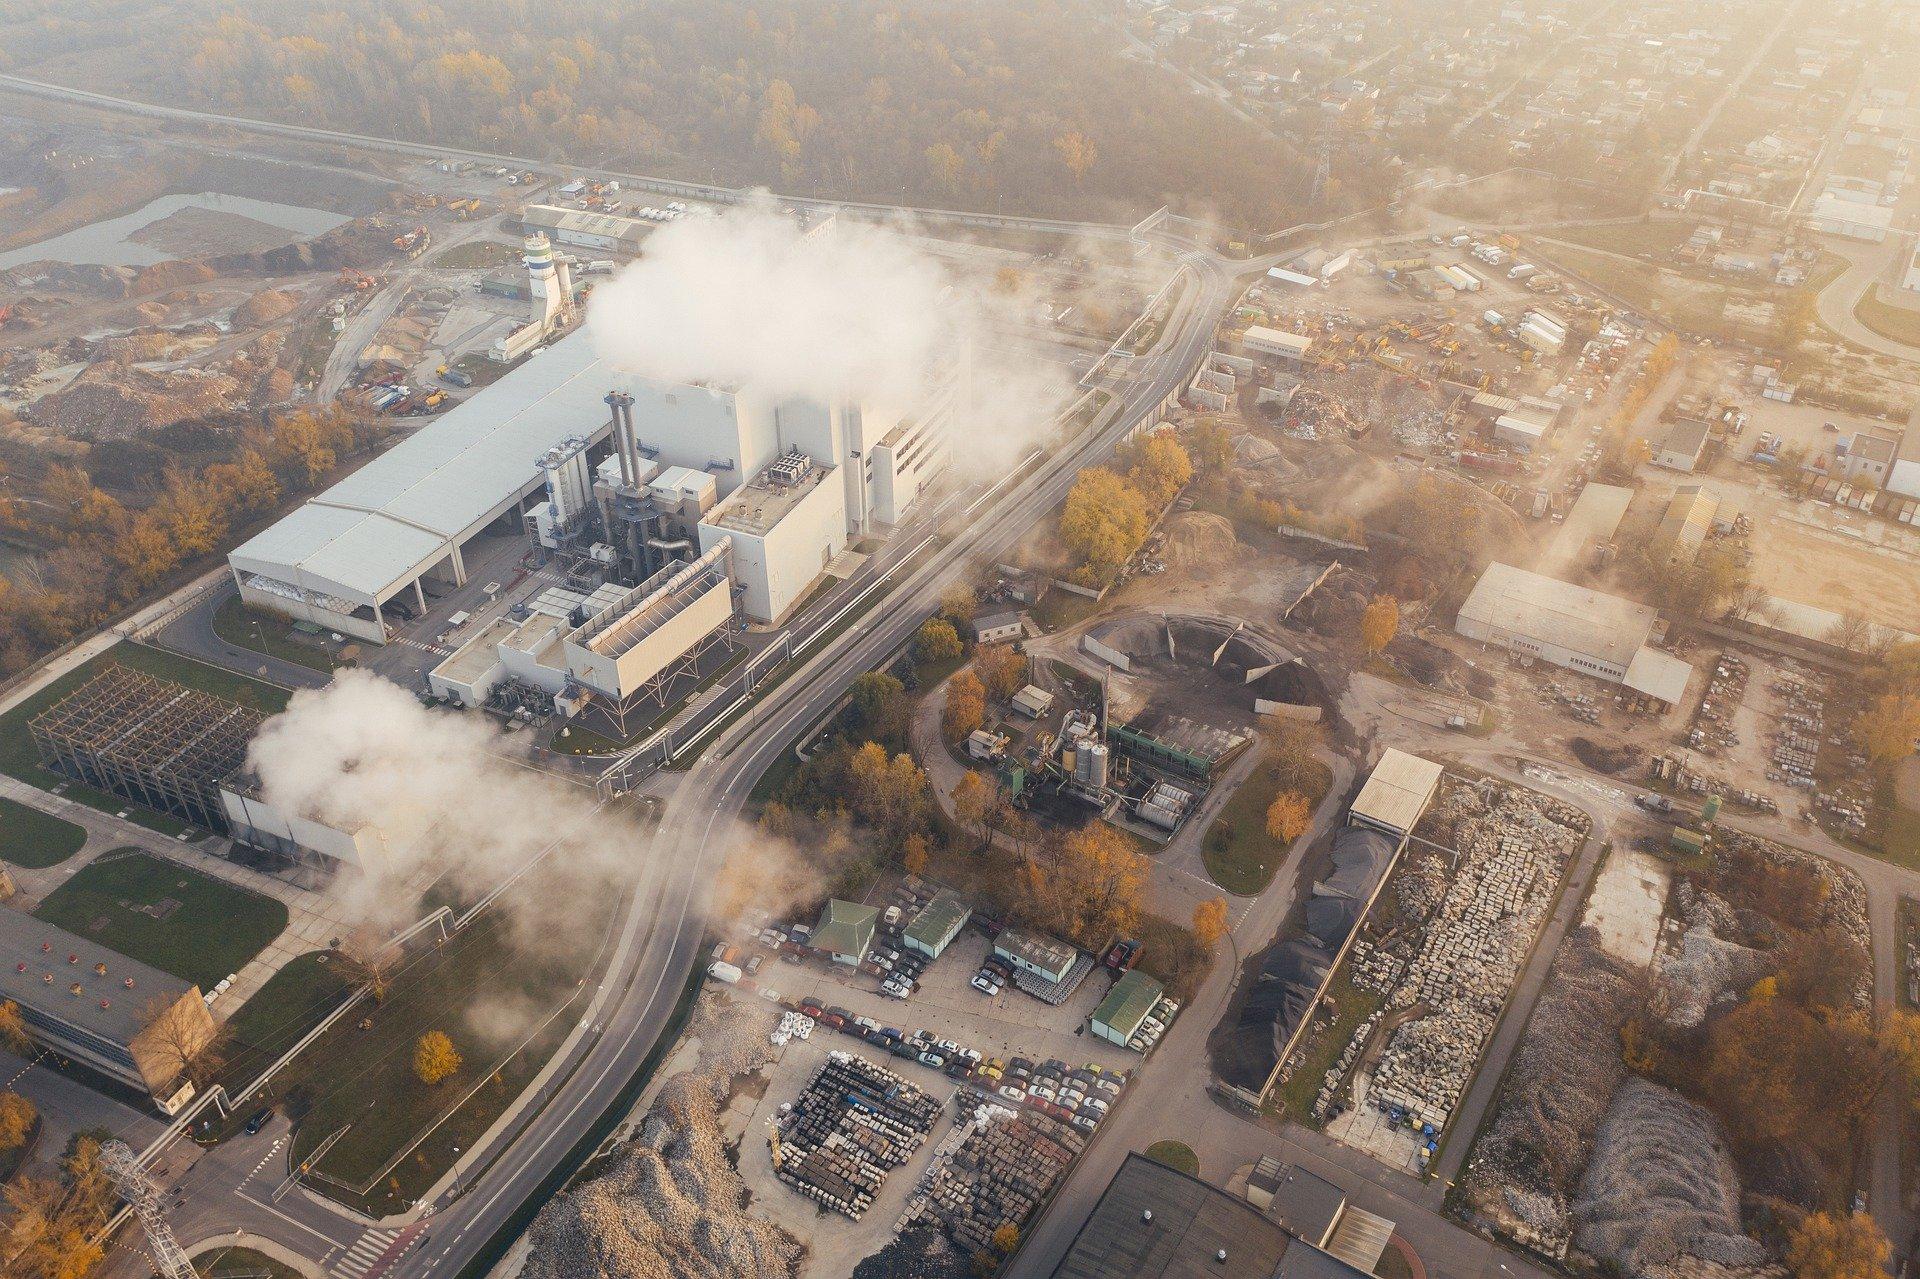 Covid 19, l'impatto sull'acciaio made in Ue – Le conseguenze della pandemia sulle performance economico-finanziarie dei principali gruppi siderurgici mondiali 6